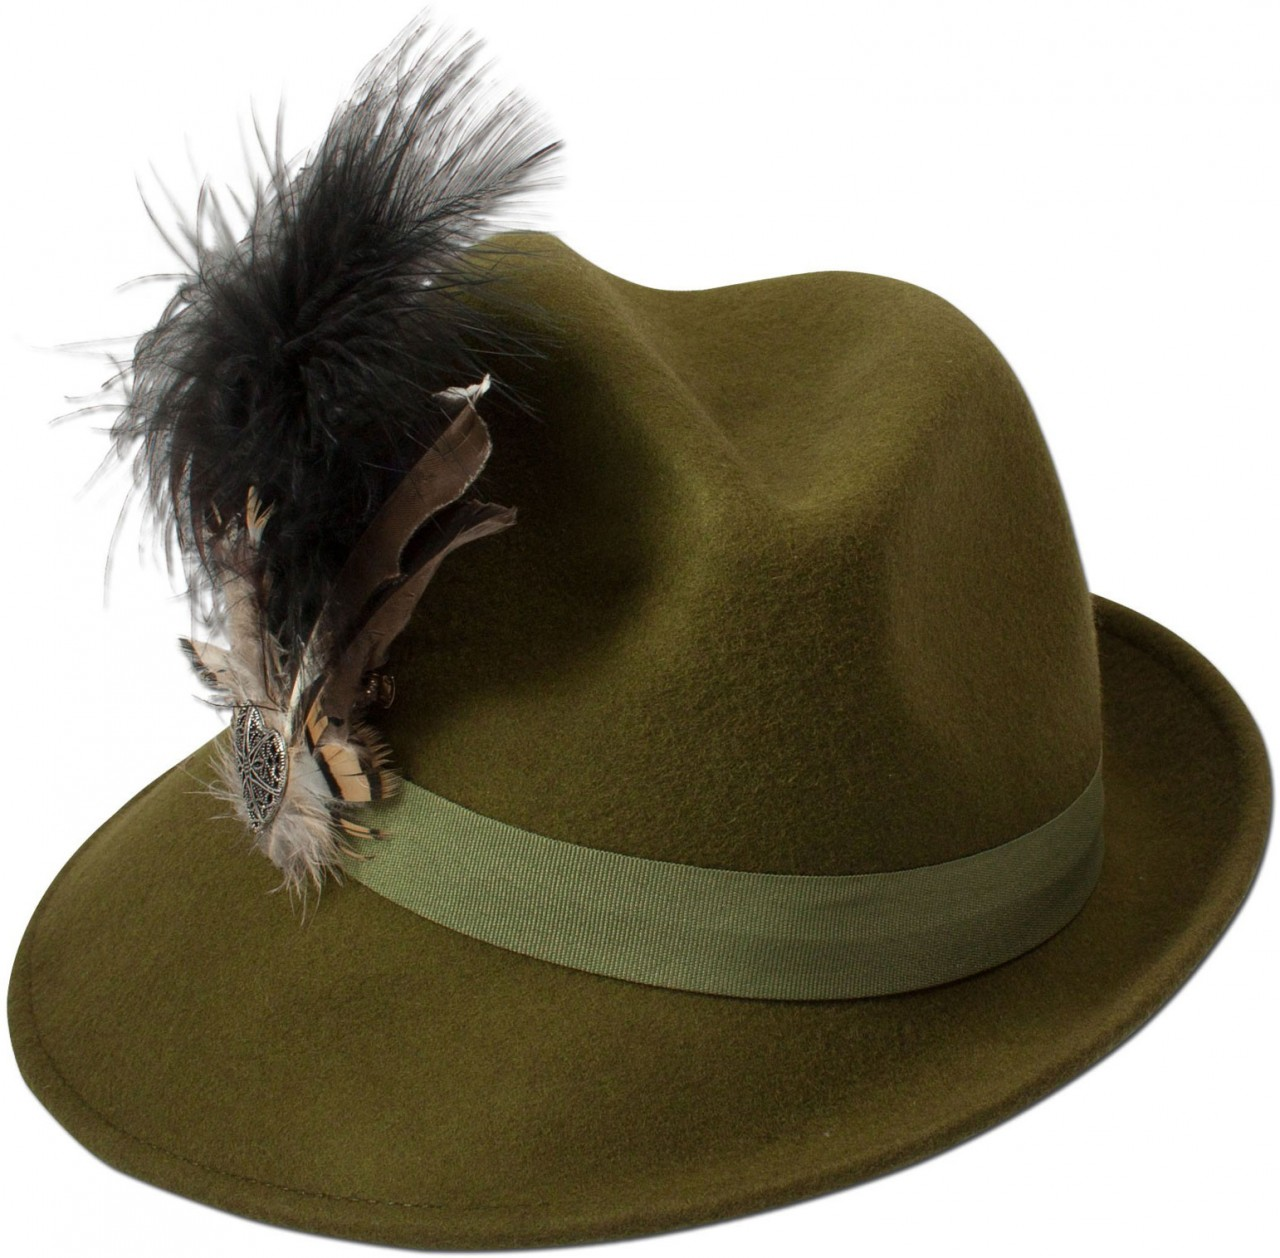 Filz-Trachtenhut Otilia grün